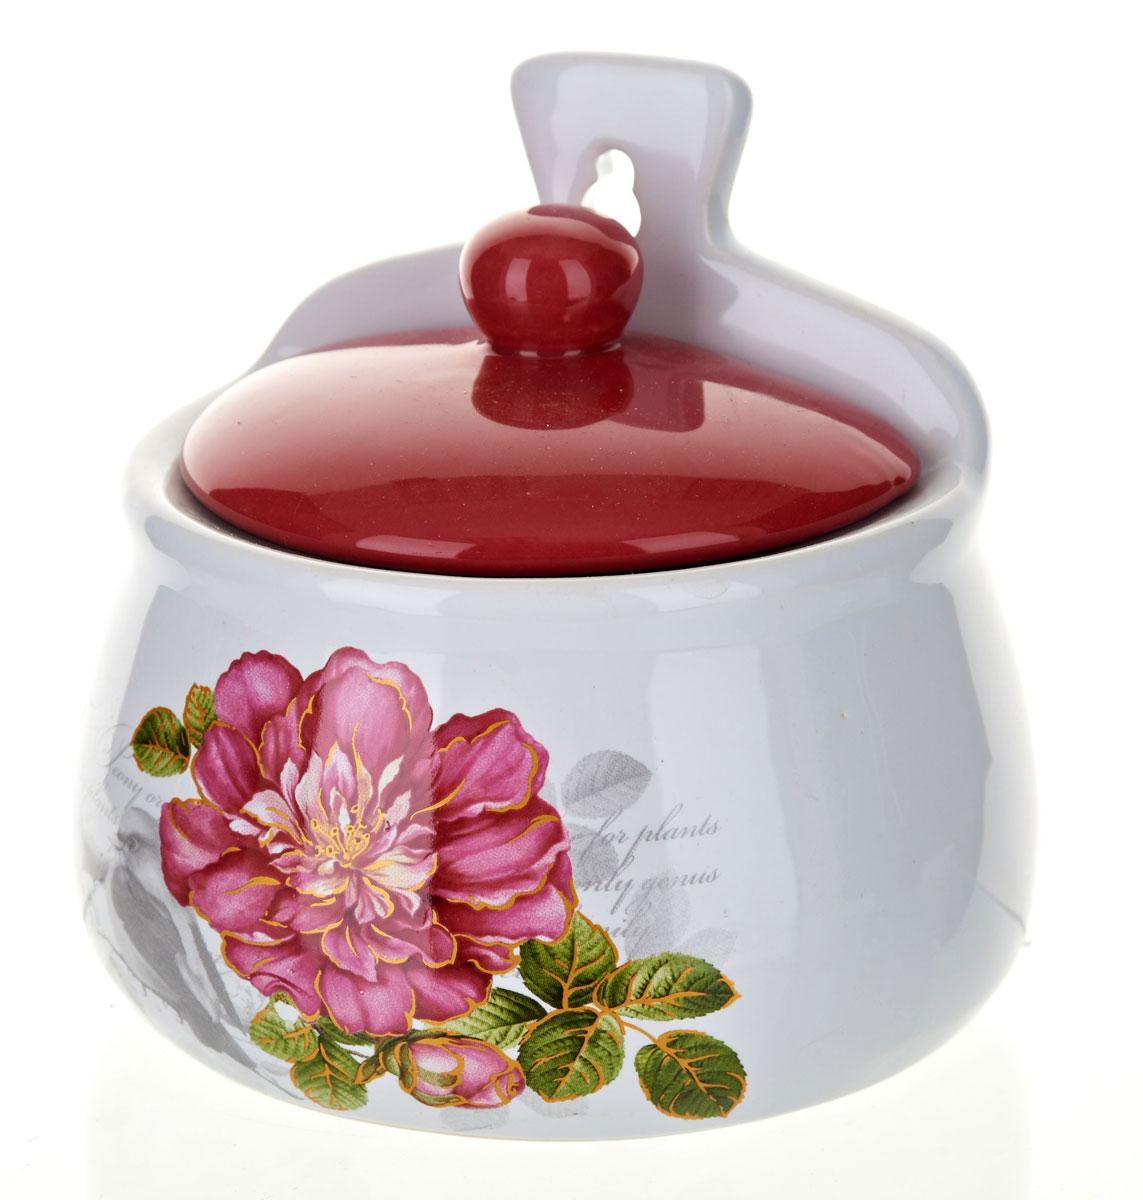 Солонка Polystar Райский садL2520381Оригинальная солонка Райский сад изготовлена из высококачественной керамики. Изделие имеет отверстие для подвешивания. Солонка украсит любую кухню и подчеркнет прекрасный вкус хозяина.